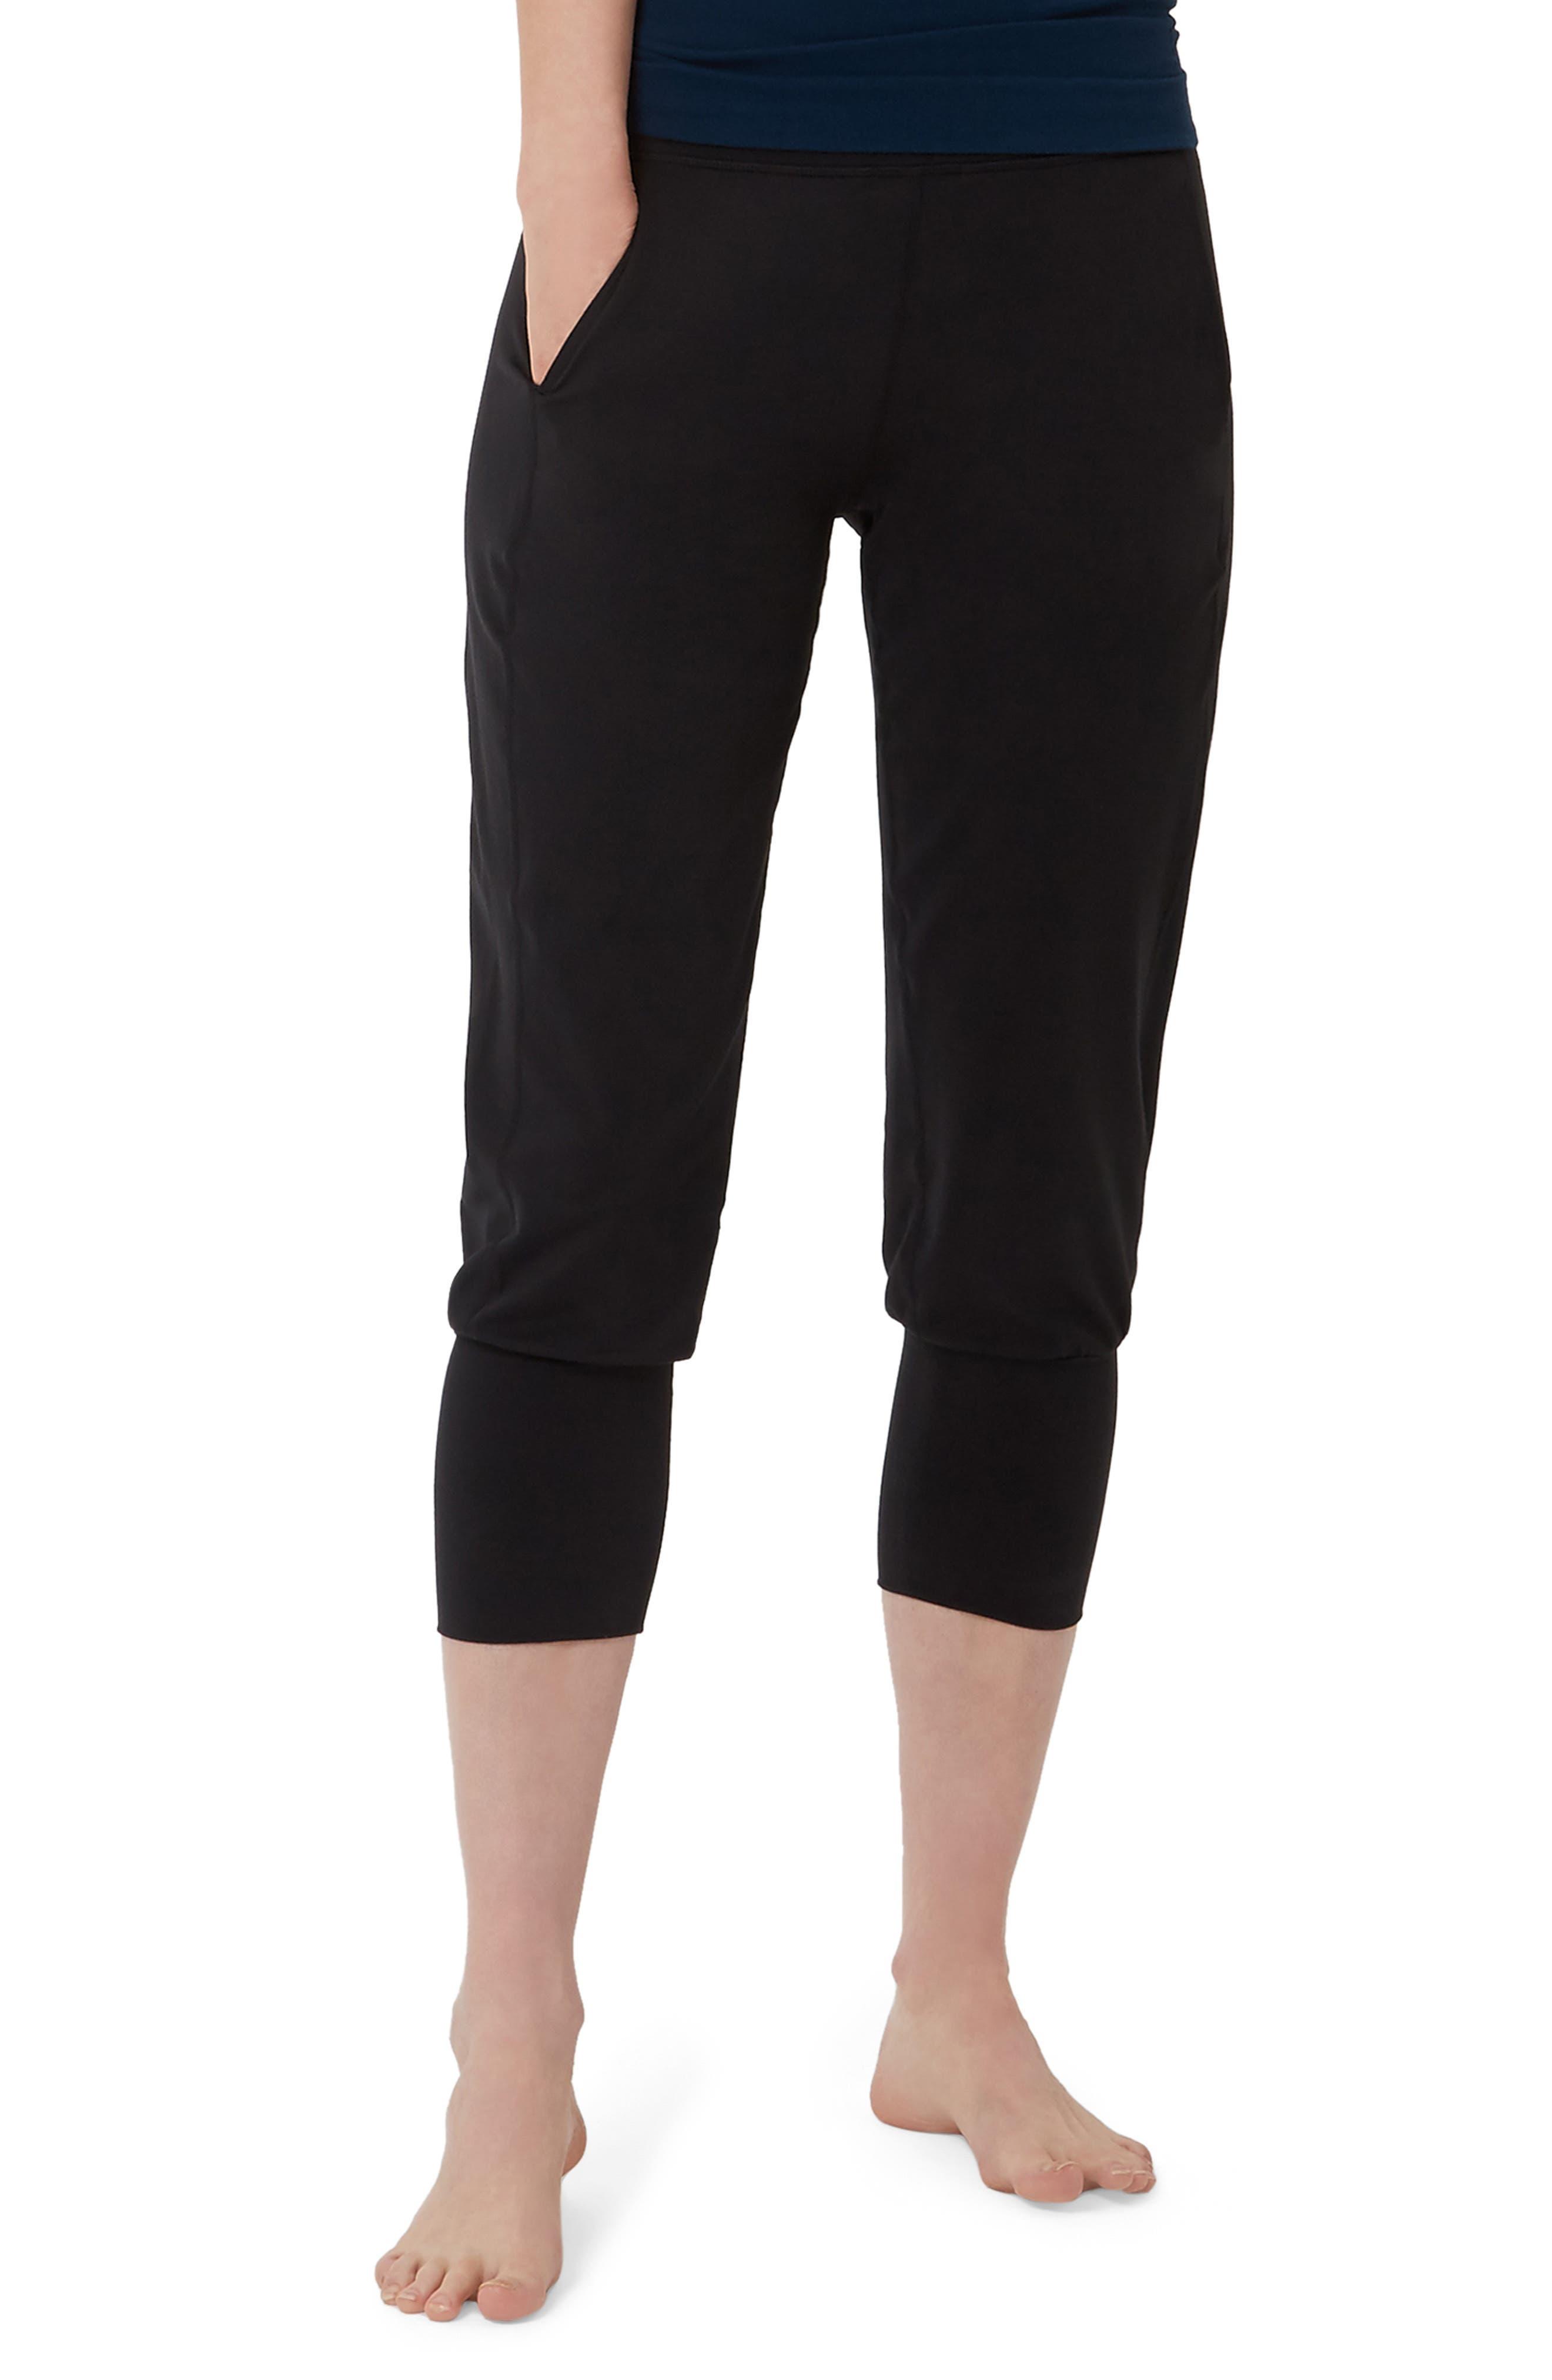 Garudasana Crop Yoga Trousers,                         Main,                         color, BLACK